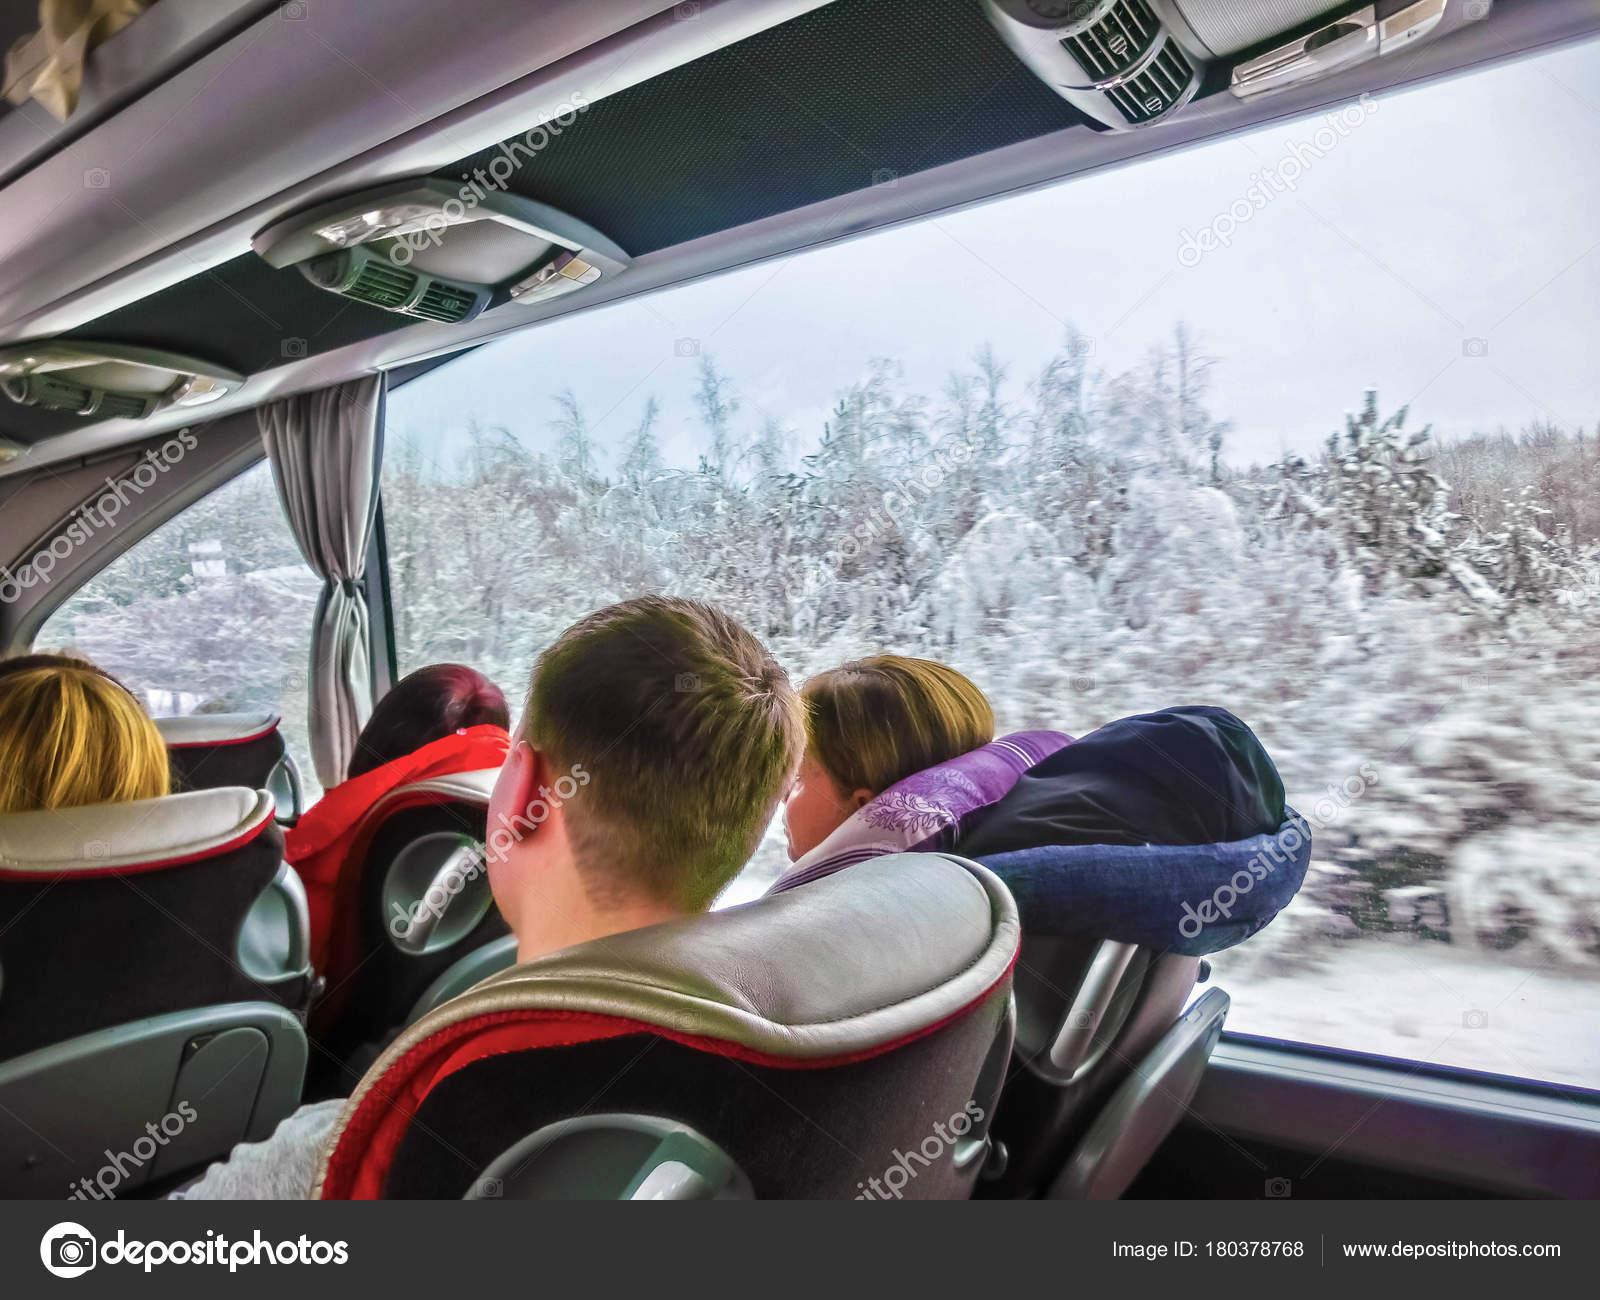 Смотреть в автобусе, порно видео хадишкай